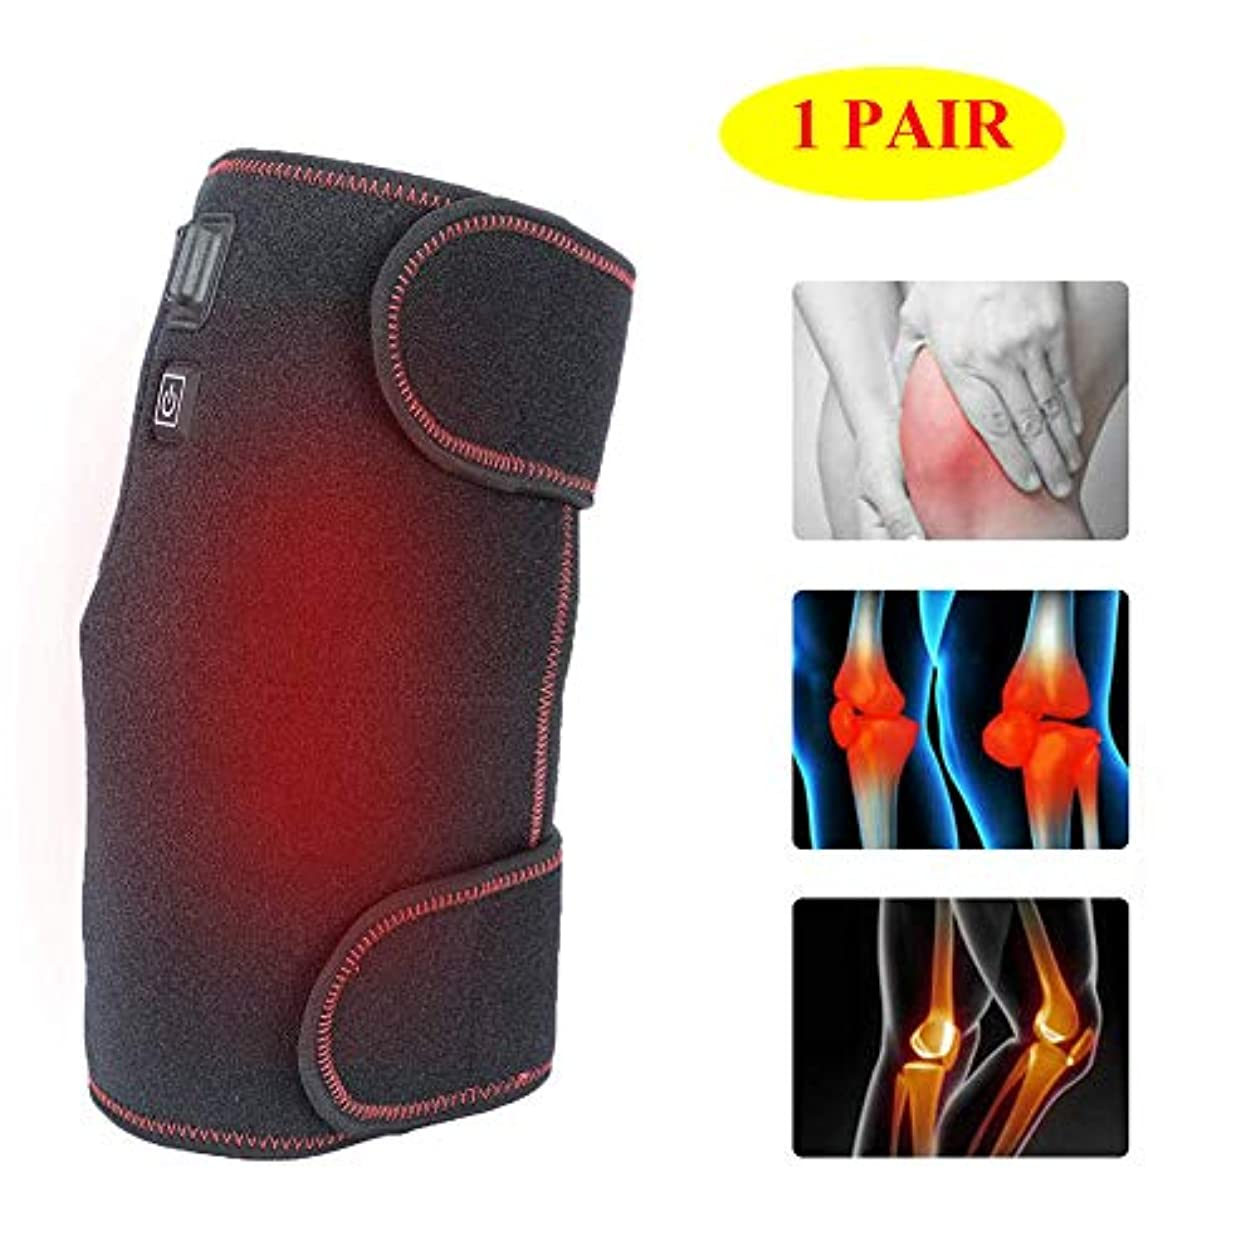 ご近所ポインタさせる3ファイル温度の膝ブレース1ペアを加熱-膝の怪我のためのUSB充電式治療加熱パッド脚ウォームラップ